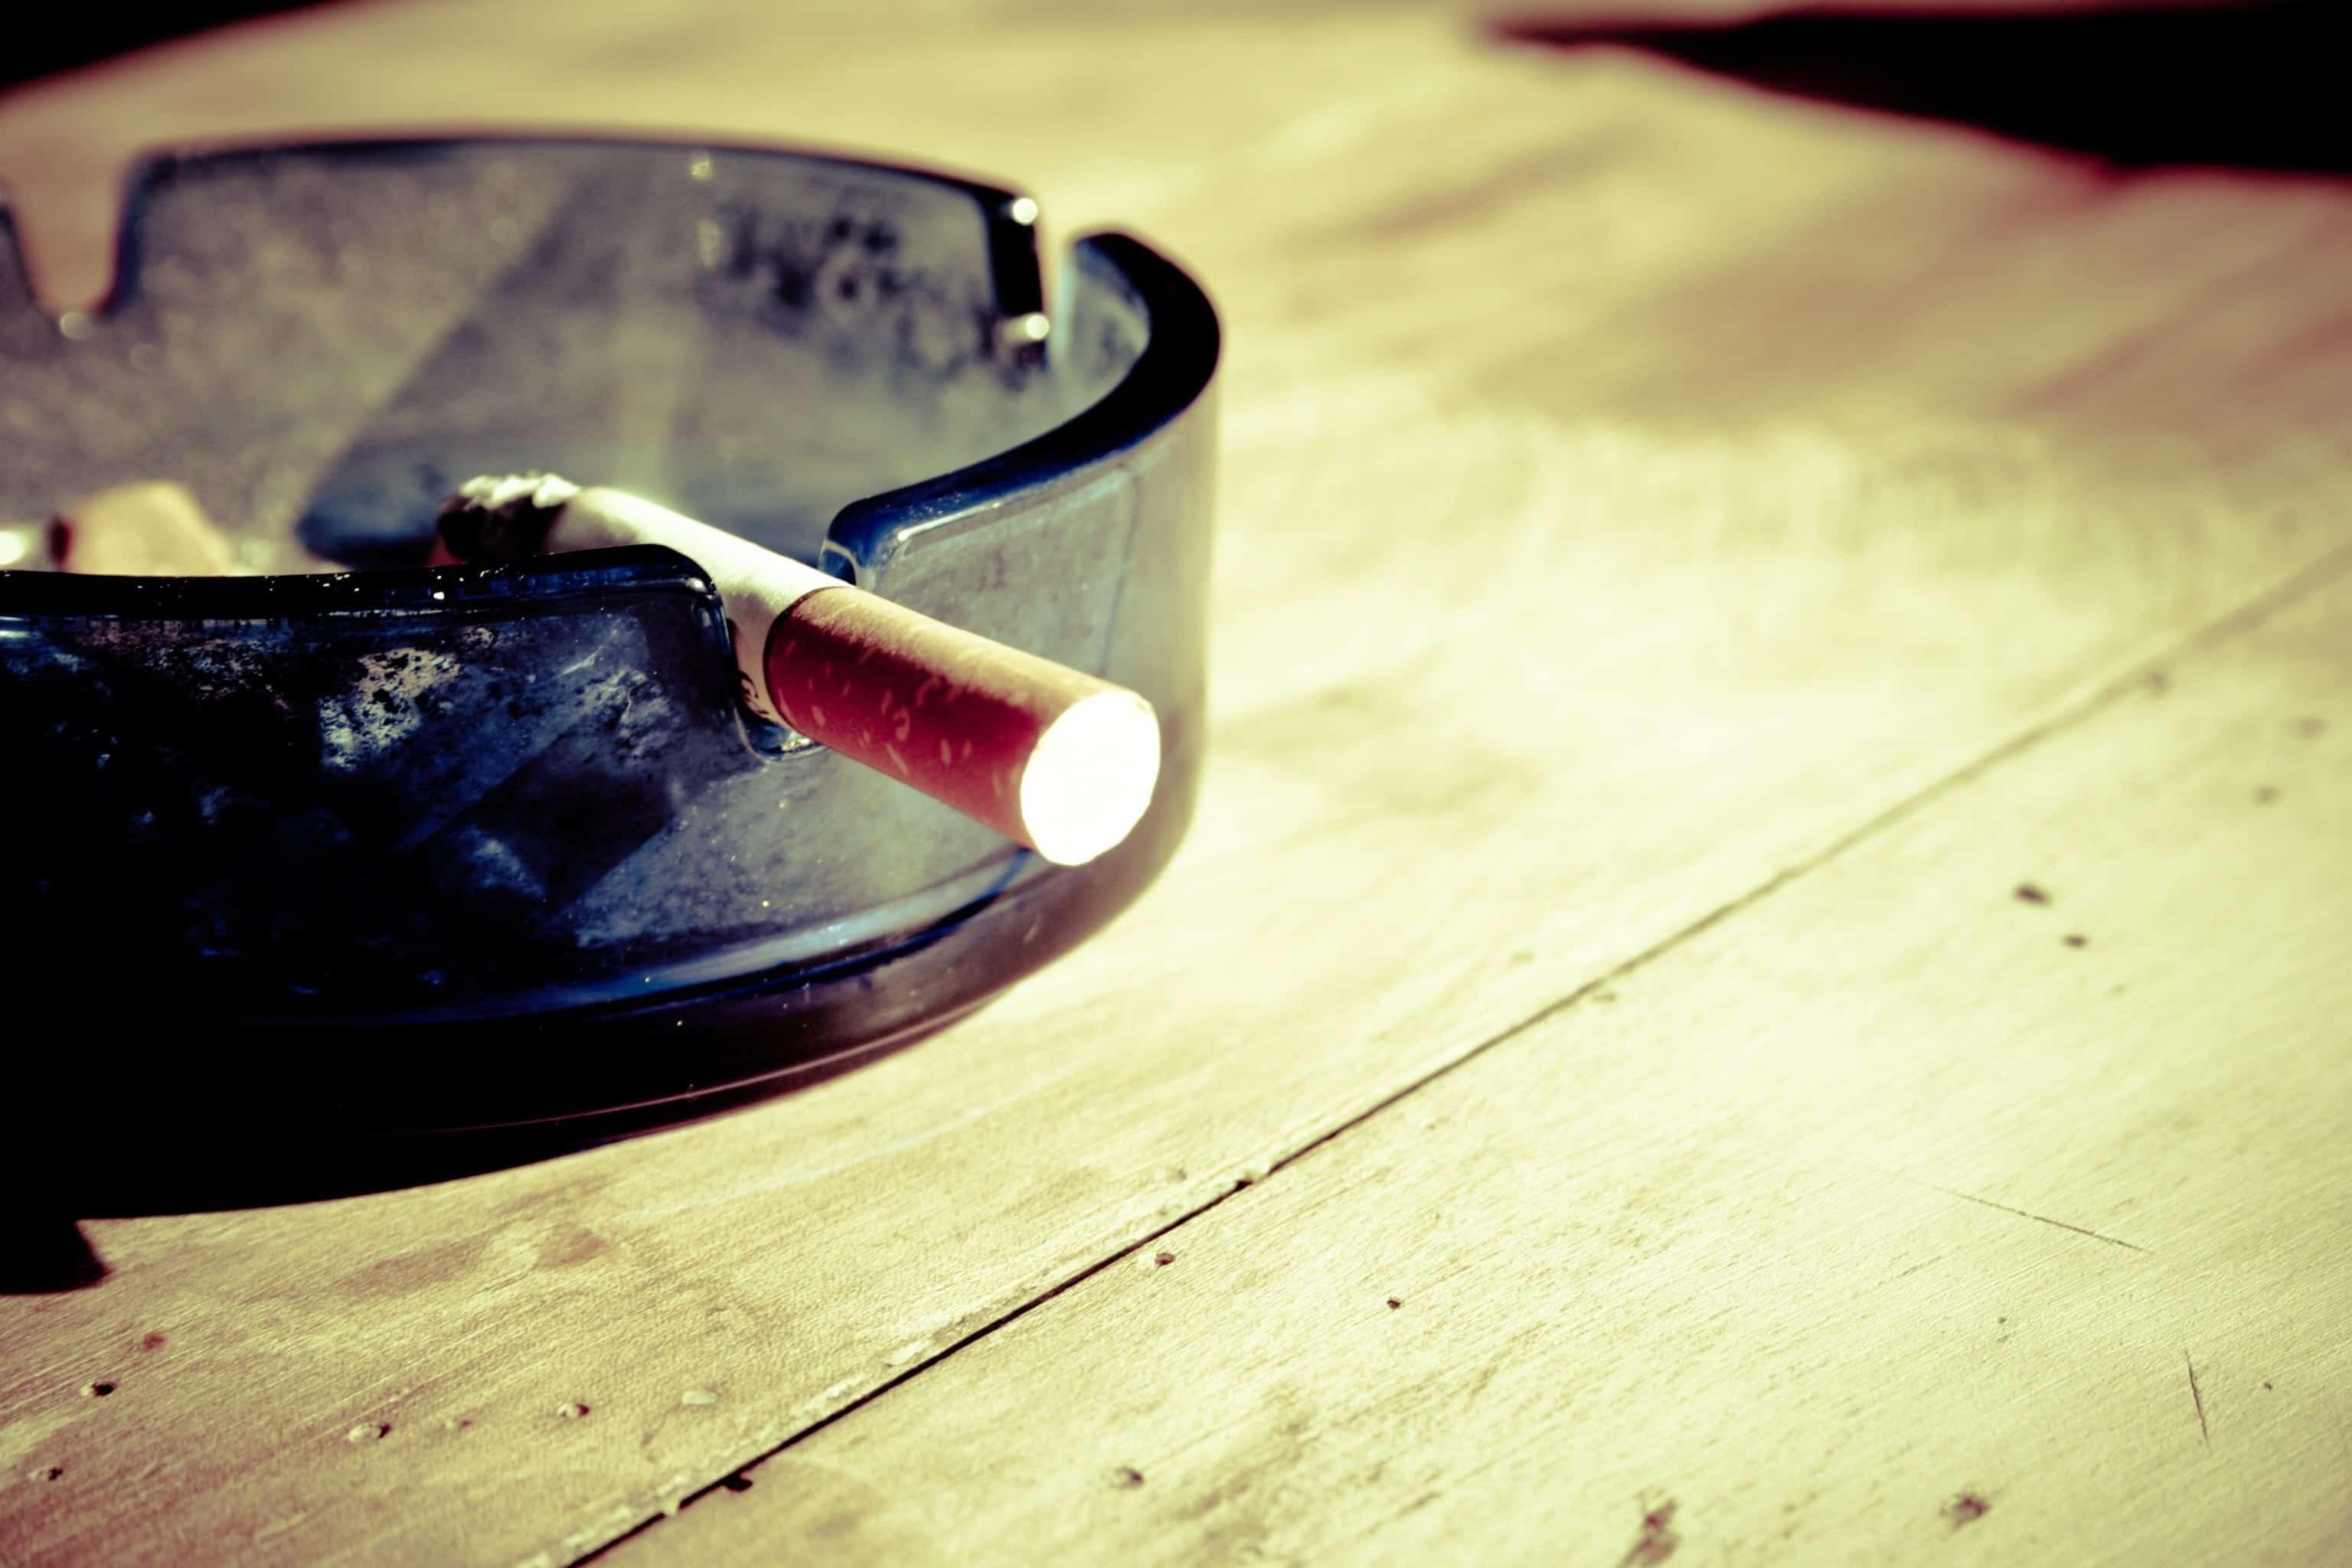 Cendrier avec un mégot de cigarette